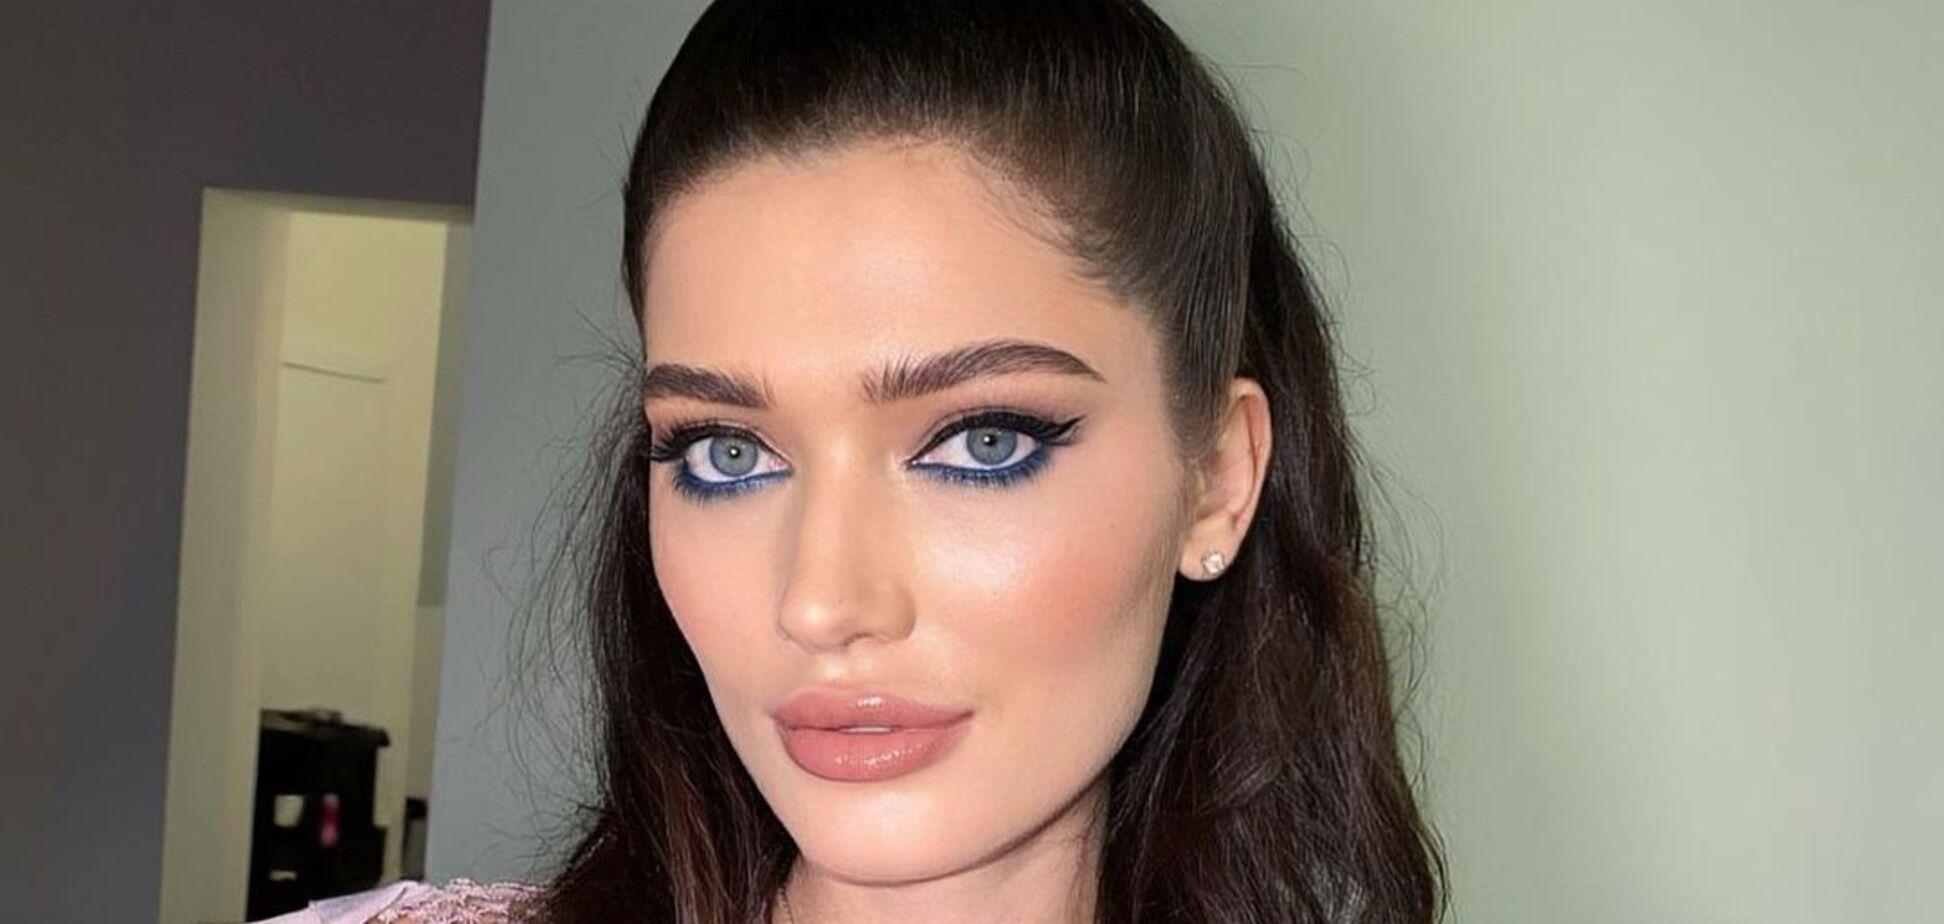 Українка показала ще одне вбрання для конкурсу 'Міс Всесвіт' і відео зі зйомок